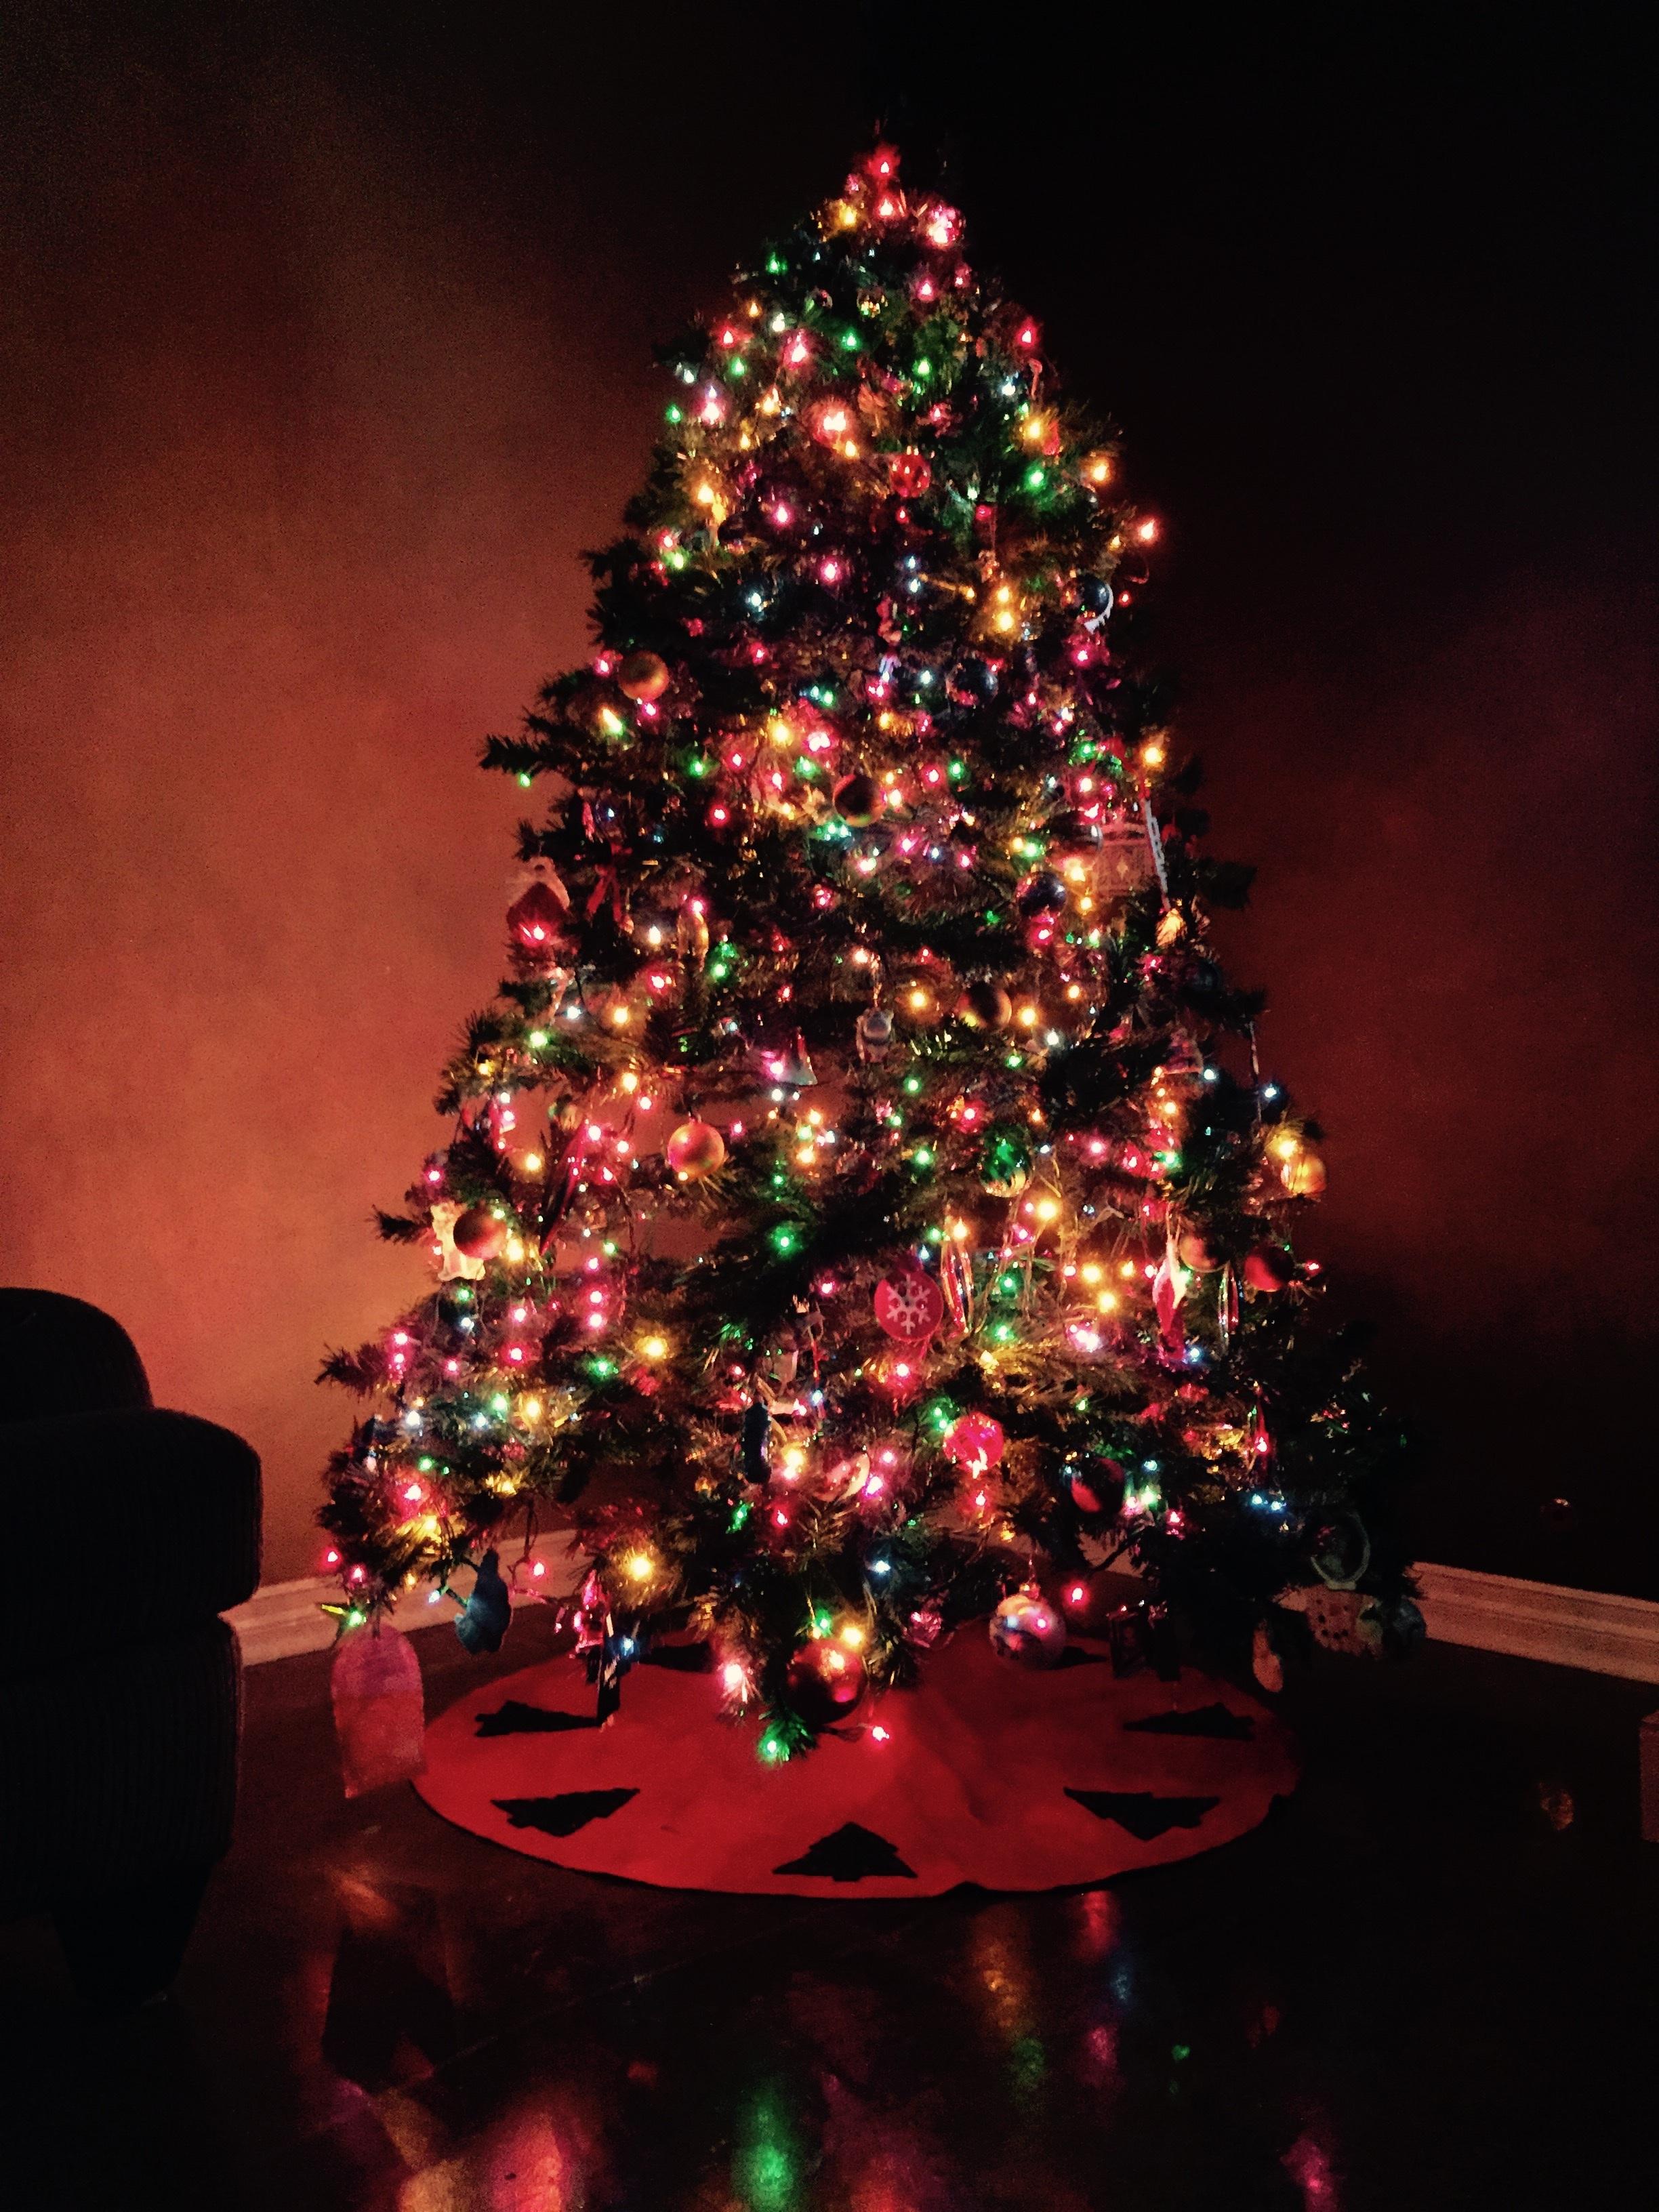 Fotoğraf Ağaç Dekorasyon Tatil Dekor Noel Ağacı Süs Yılbaşı